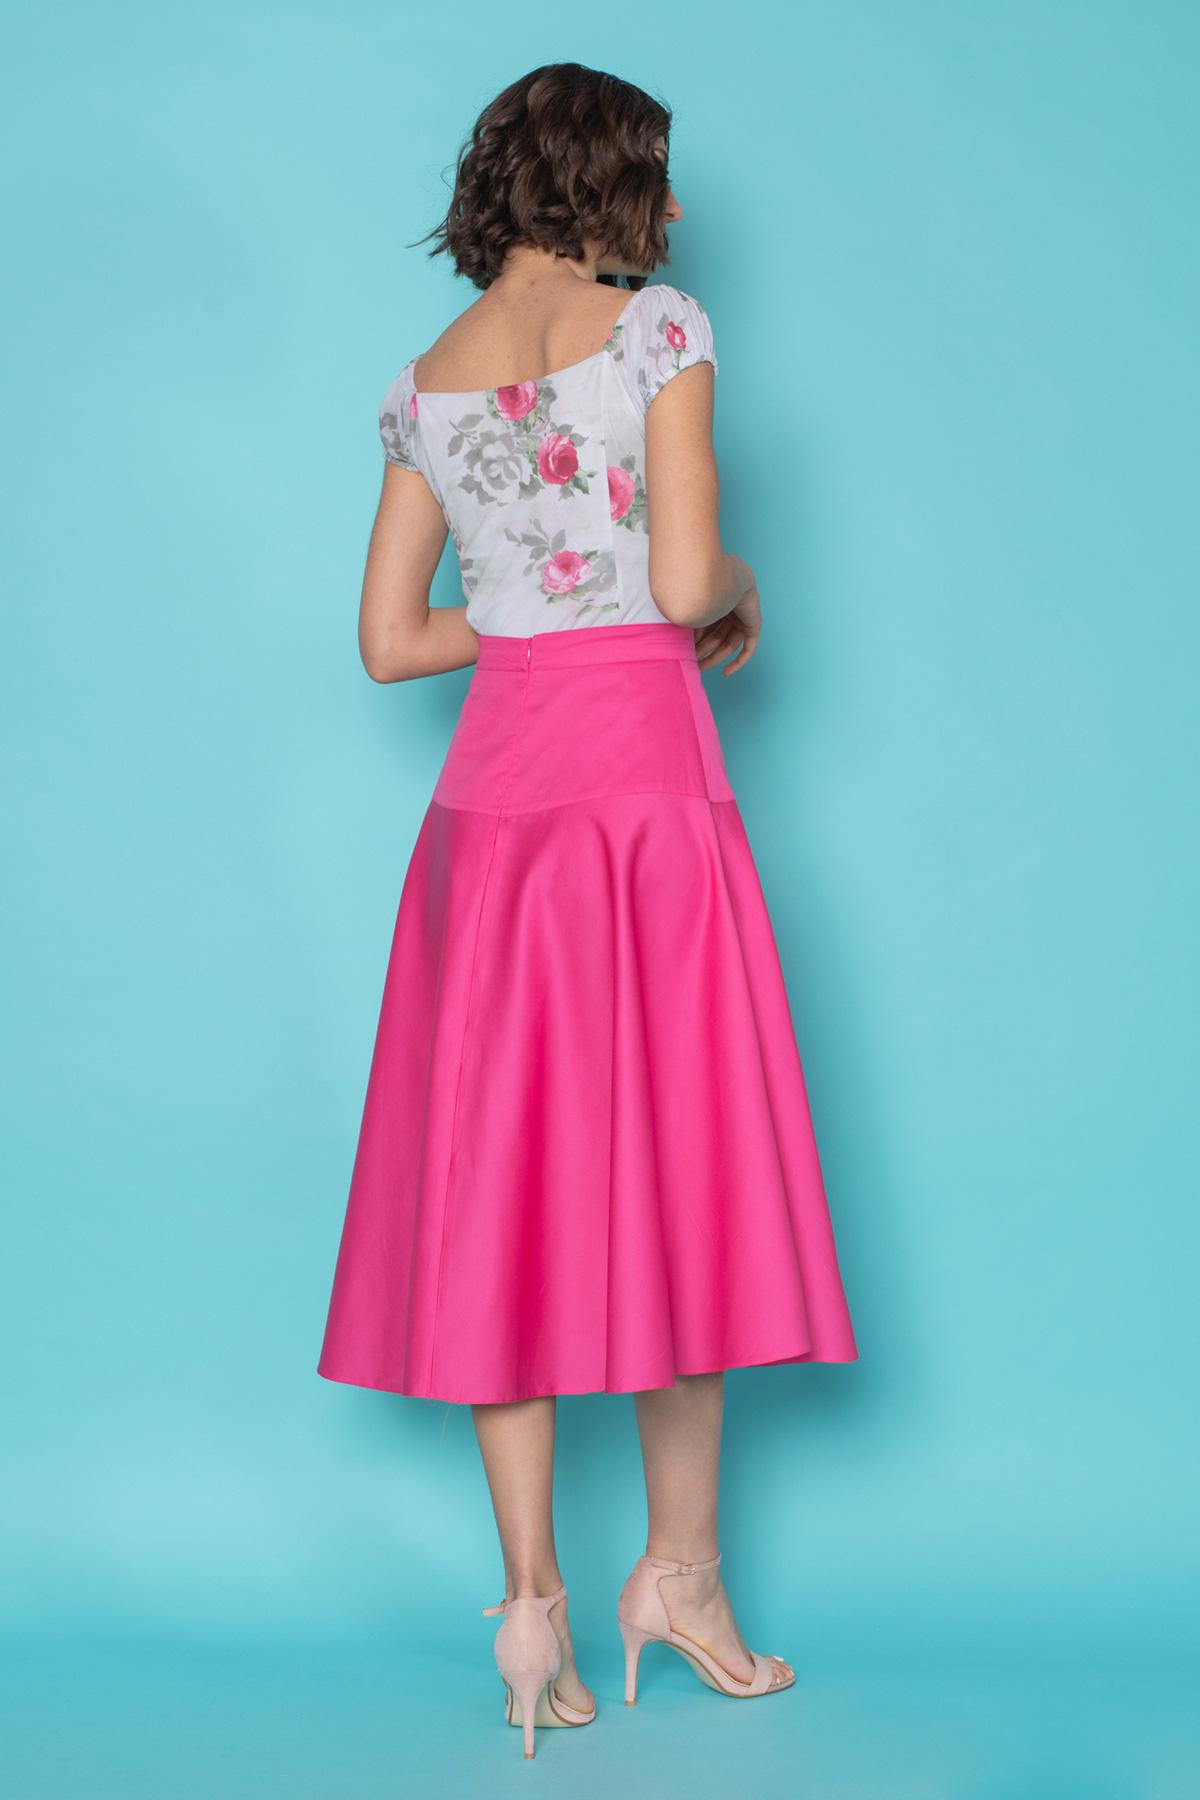 Ψηλόμεση φούστα σε φούξια χρώμα, εφαρμοστή στους γοφούς και κλος μέχρι τη μέση της γάμπας, από μαλακό ύφασμα, με σταθερή ζώνη και κρυφό φερμουάρ πίσω, για μια chic εμφάνιση.